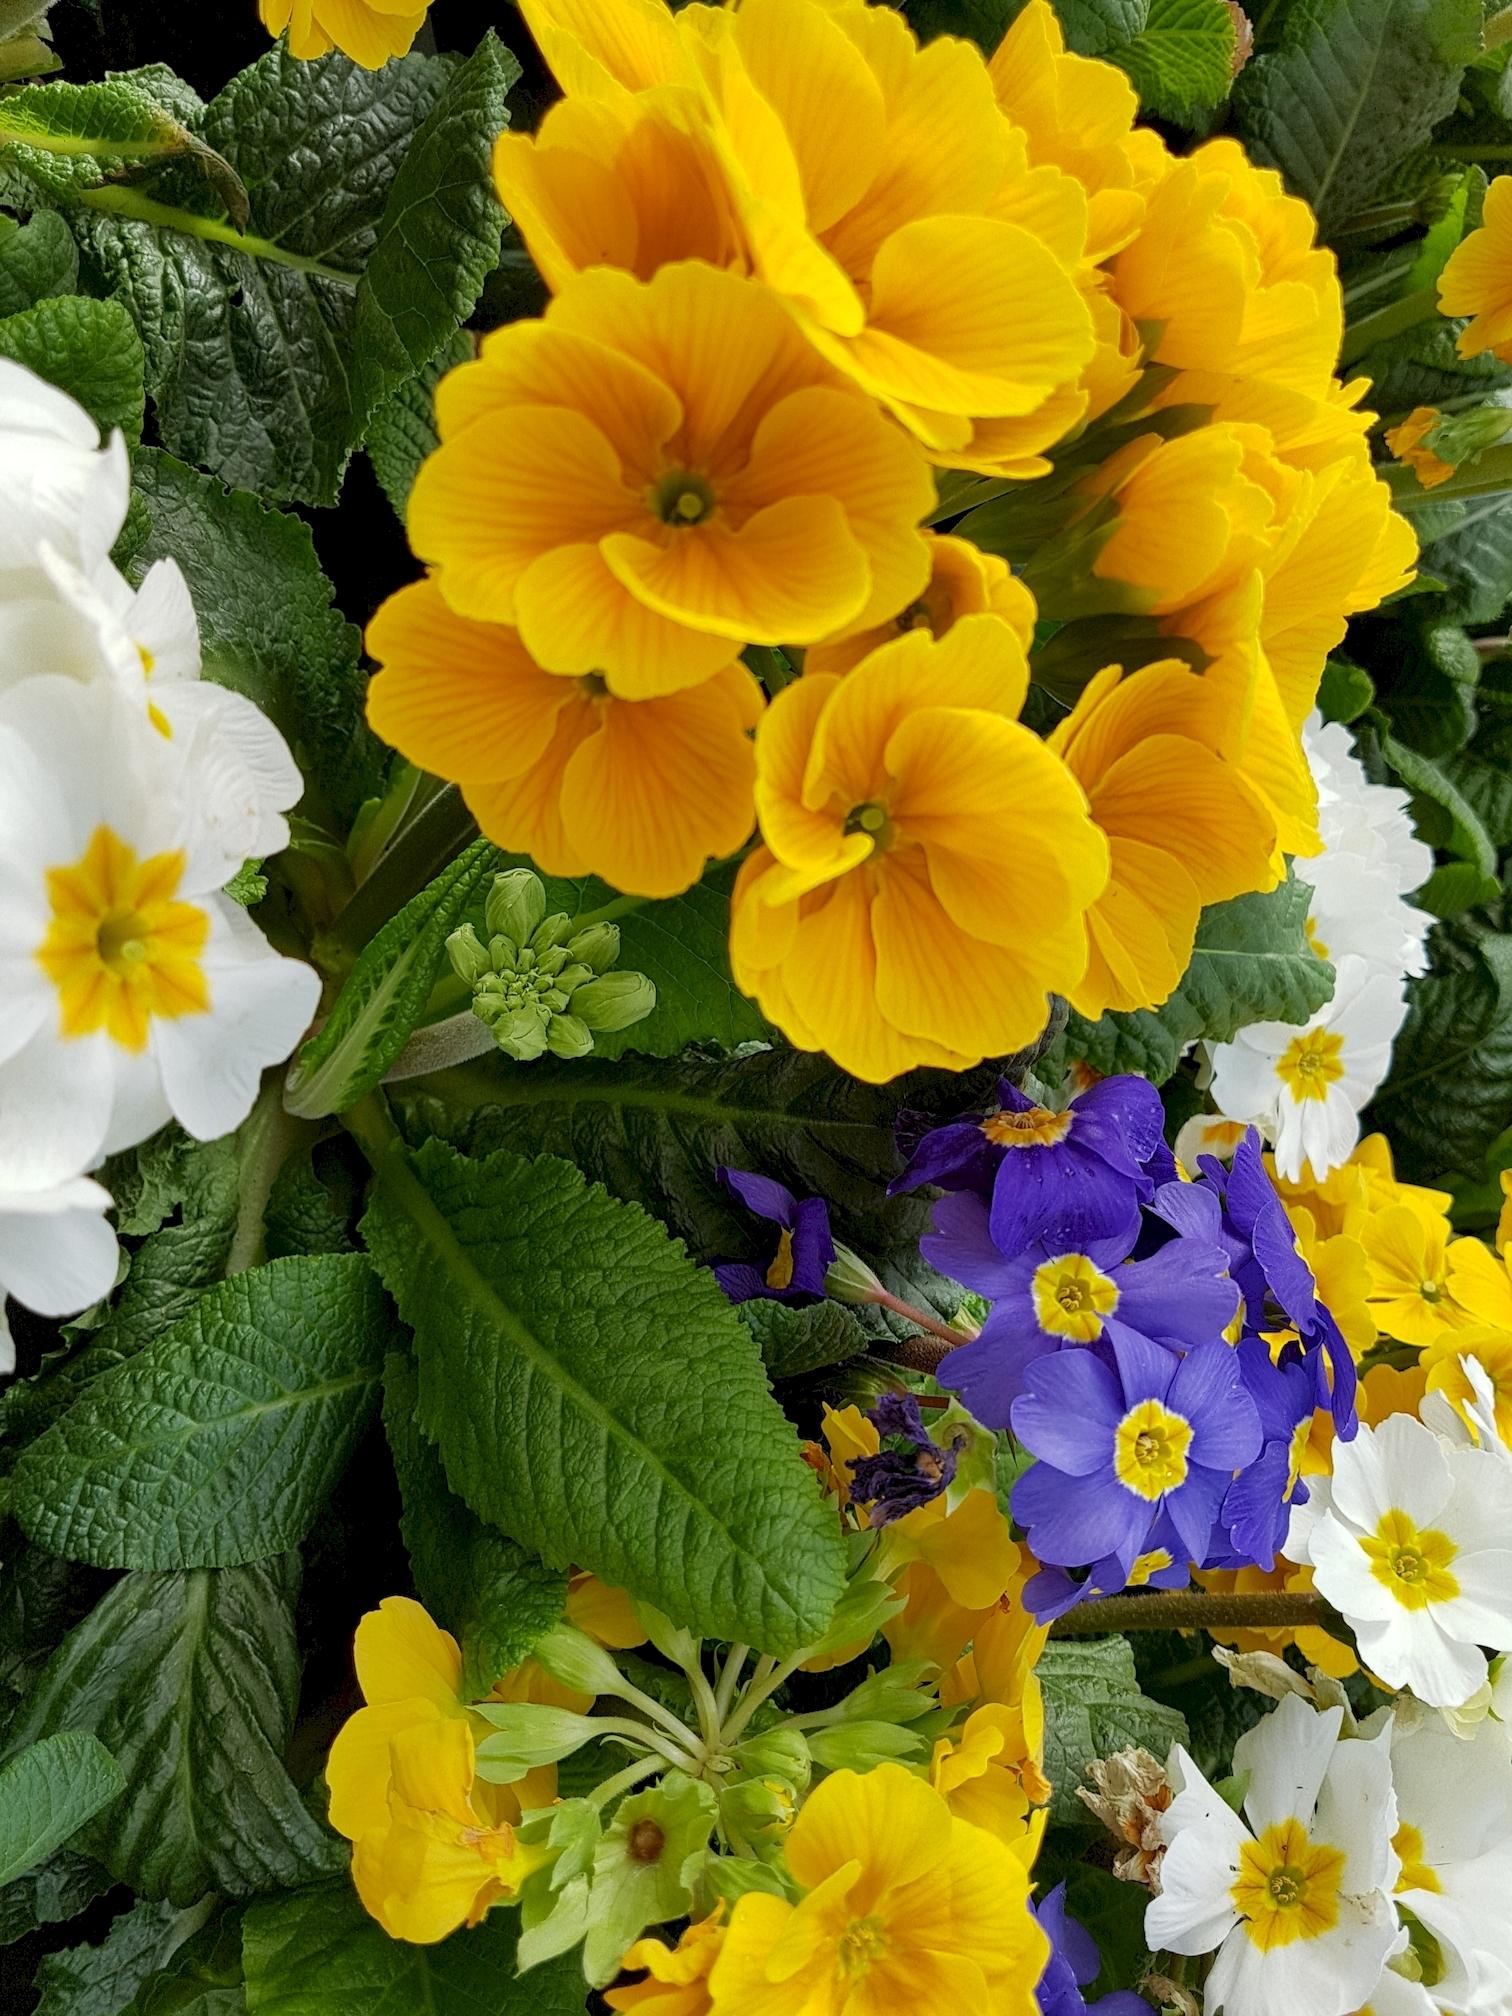 fleurs-de-printemps-jaune-bleu-blanc-vert